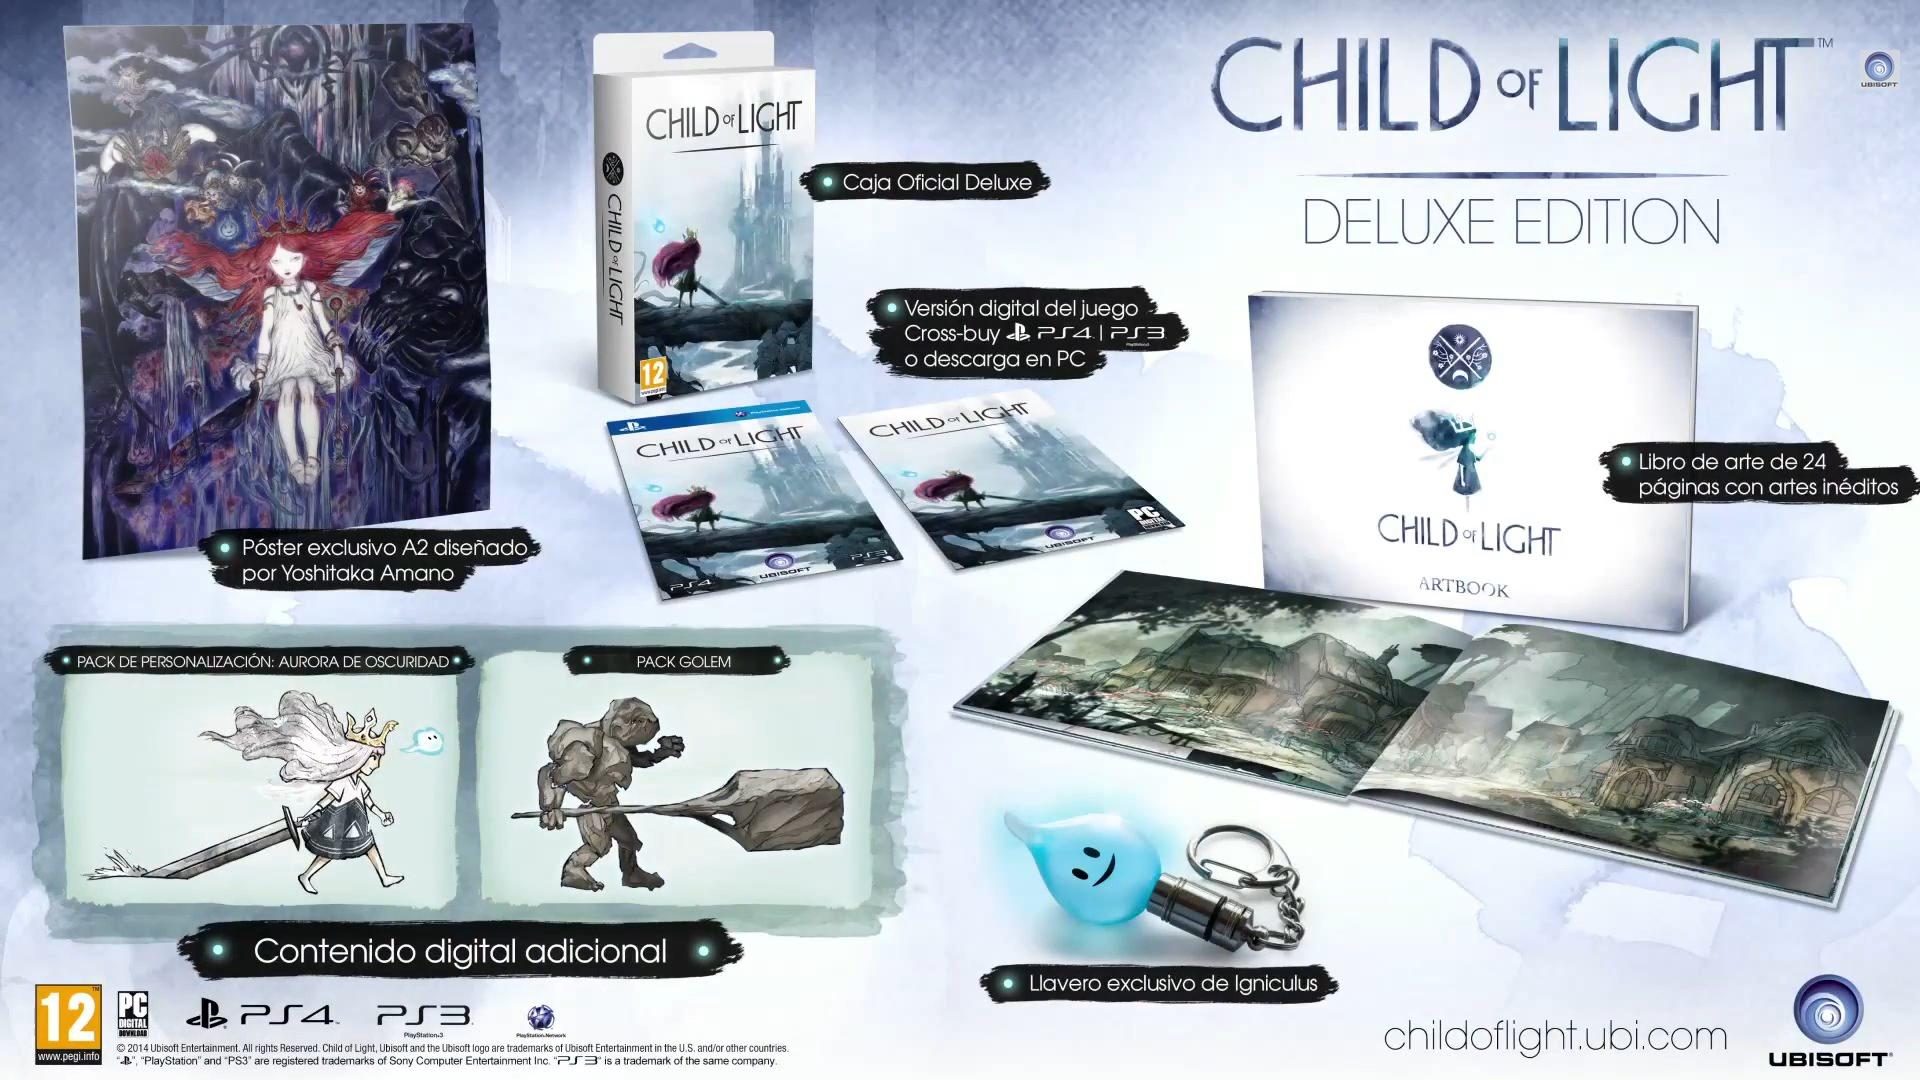 Contenido de la Edición Deluxe de Child of Light